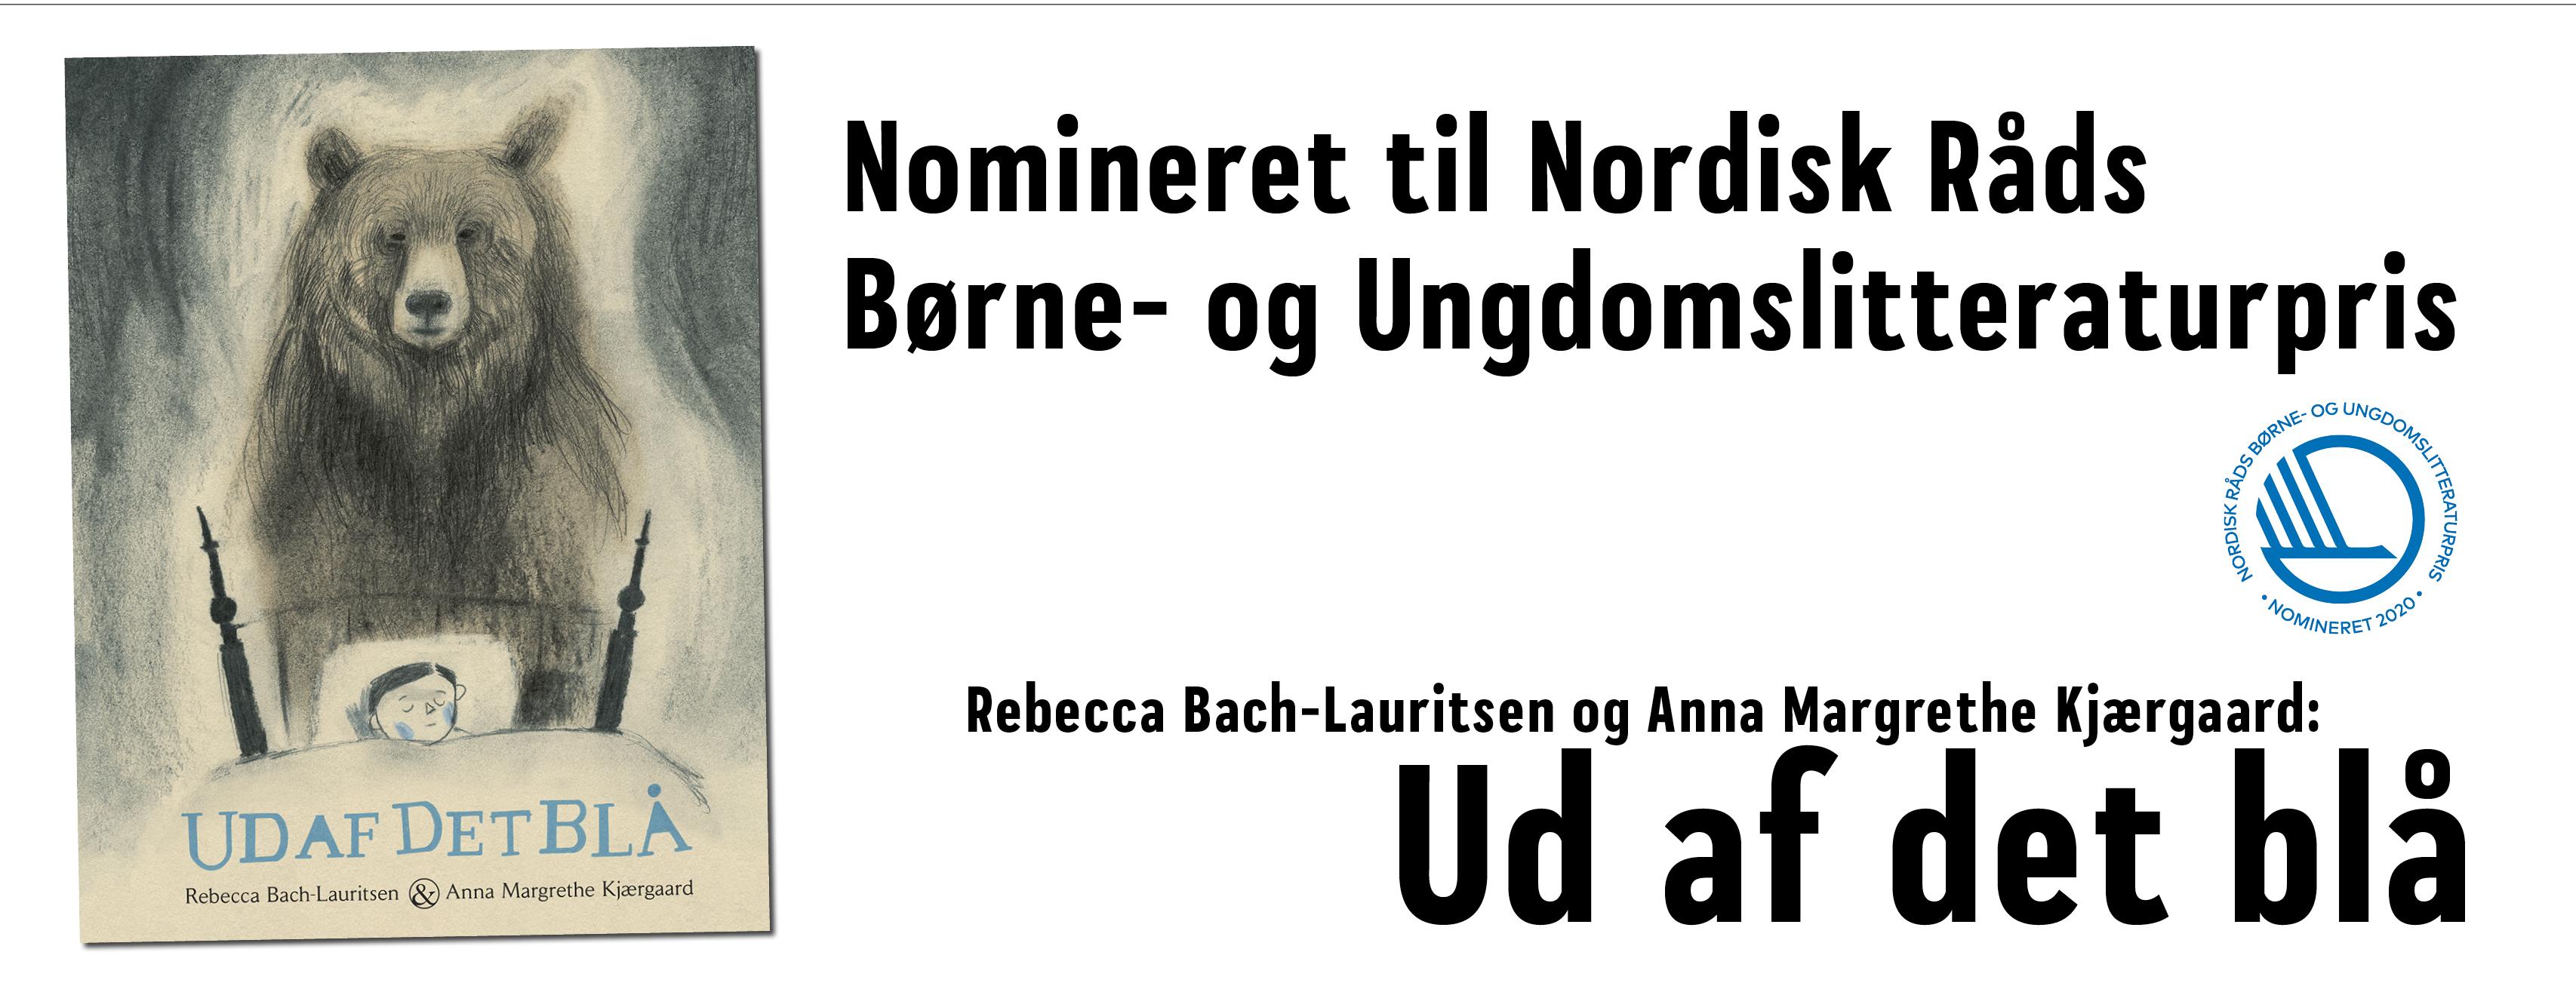 Nomineret til Nordisk Råds Børne- og Undgdomslitteraturpris